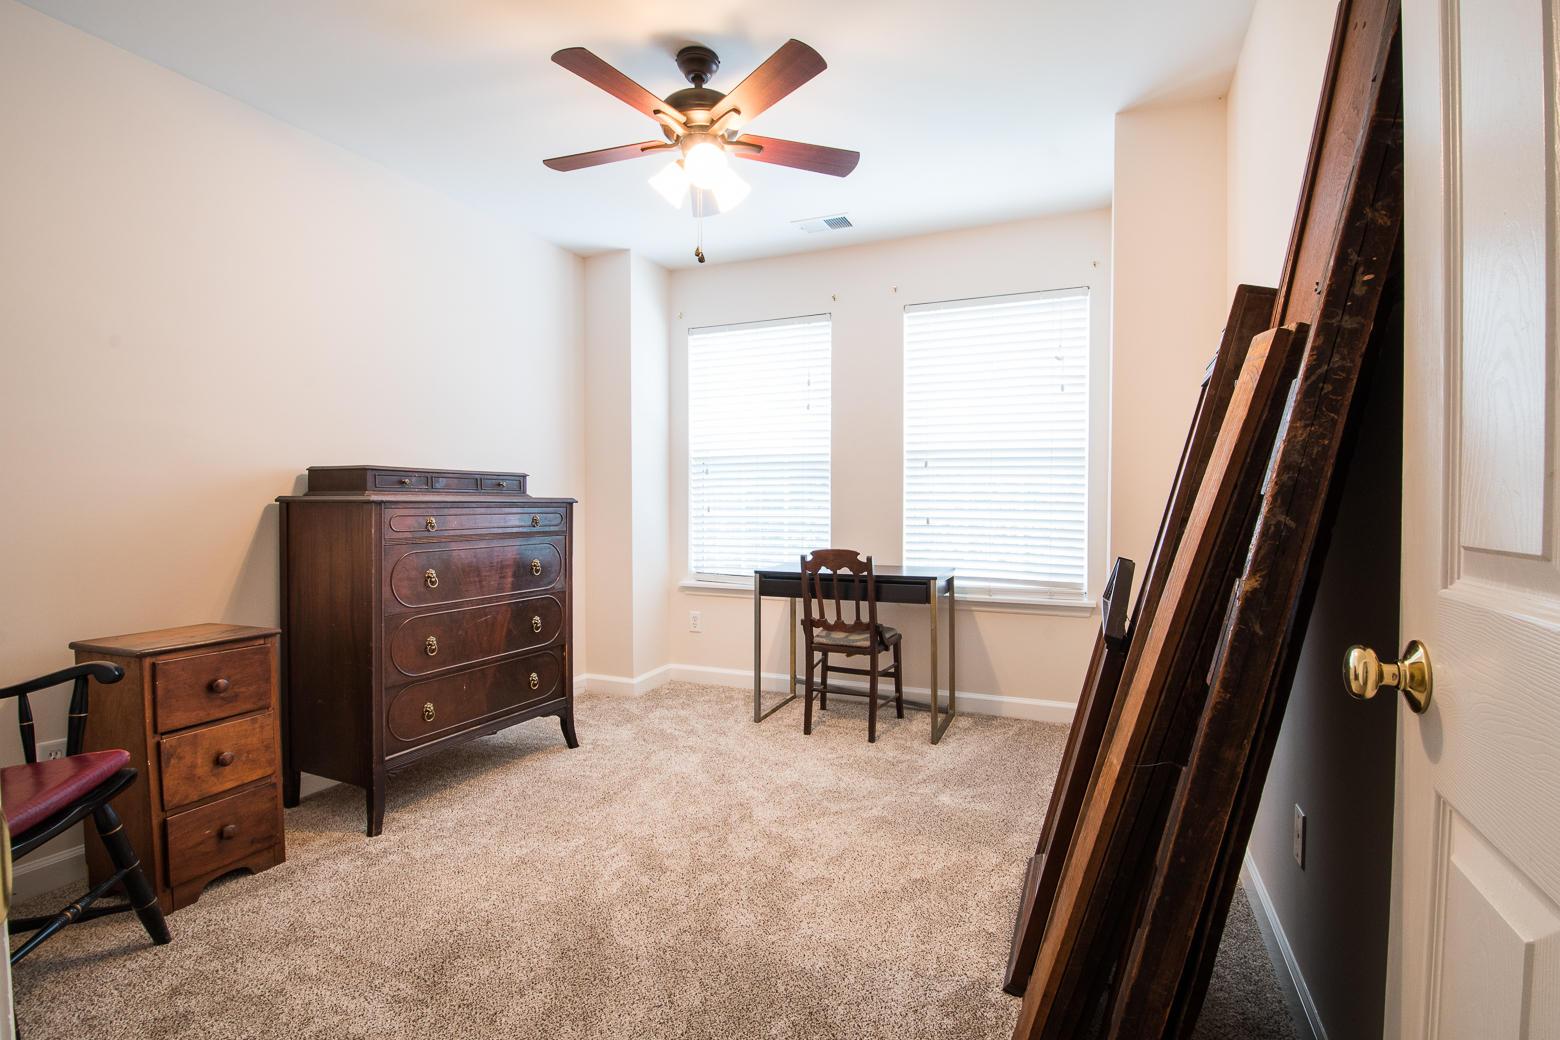 Dunes West Homes For Sale - 1111 Black Rush, Mount Pleasant, SC - 68